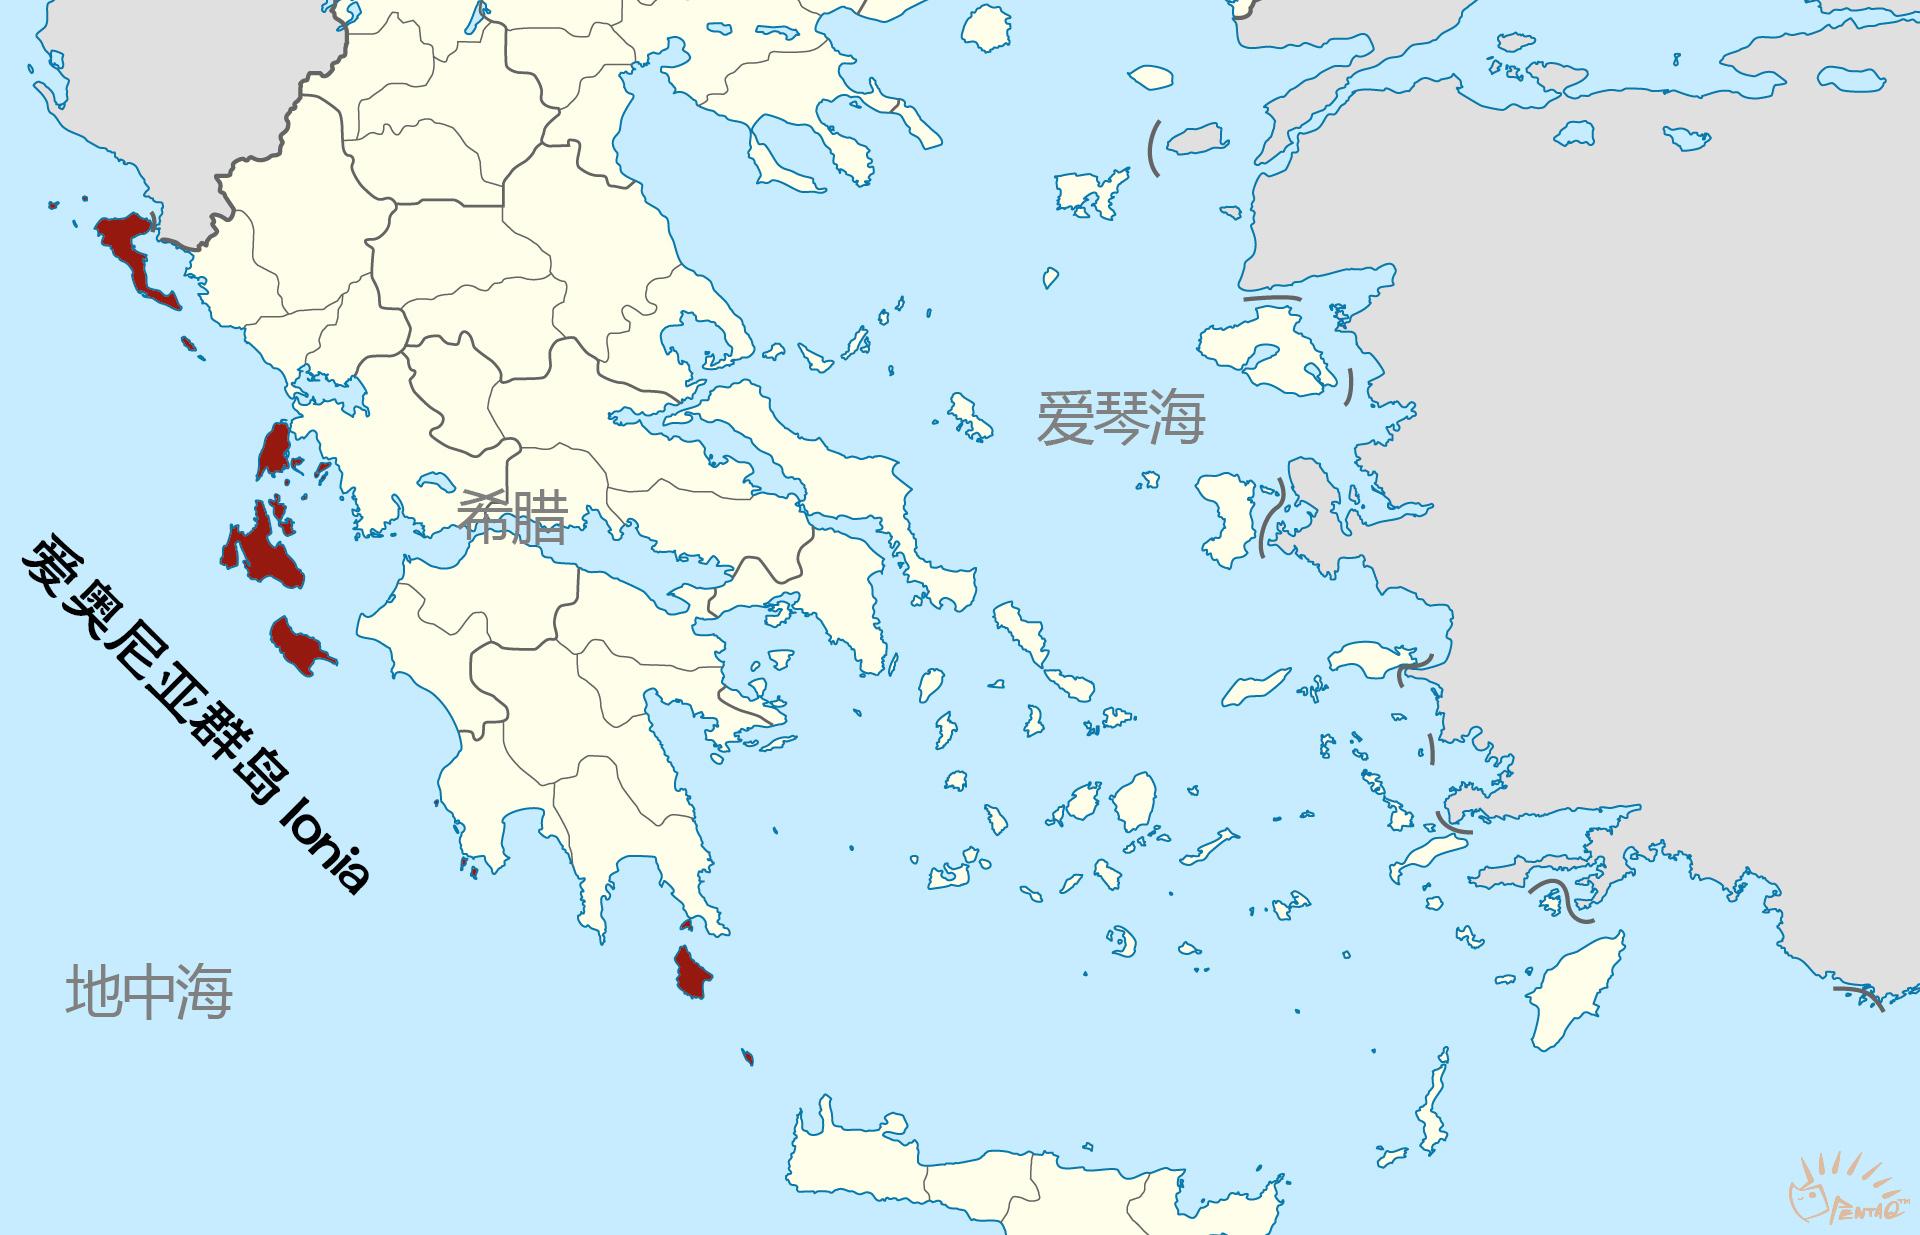 07.1.爱奥尼亚群岛.jpg